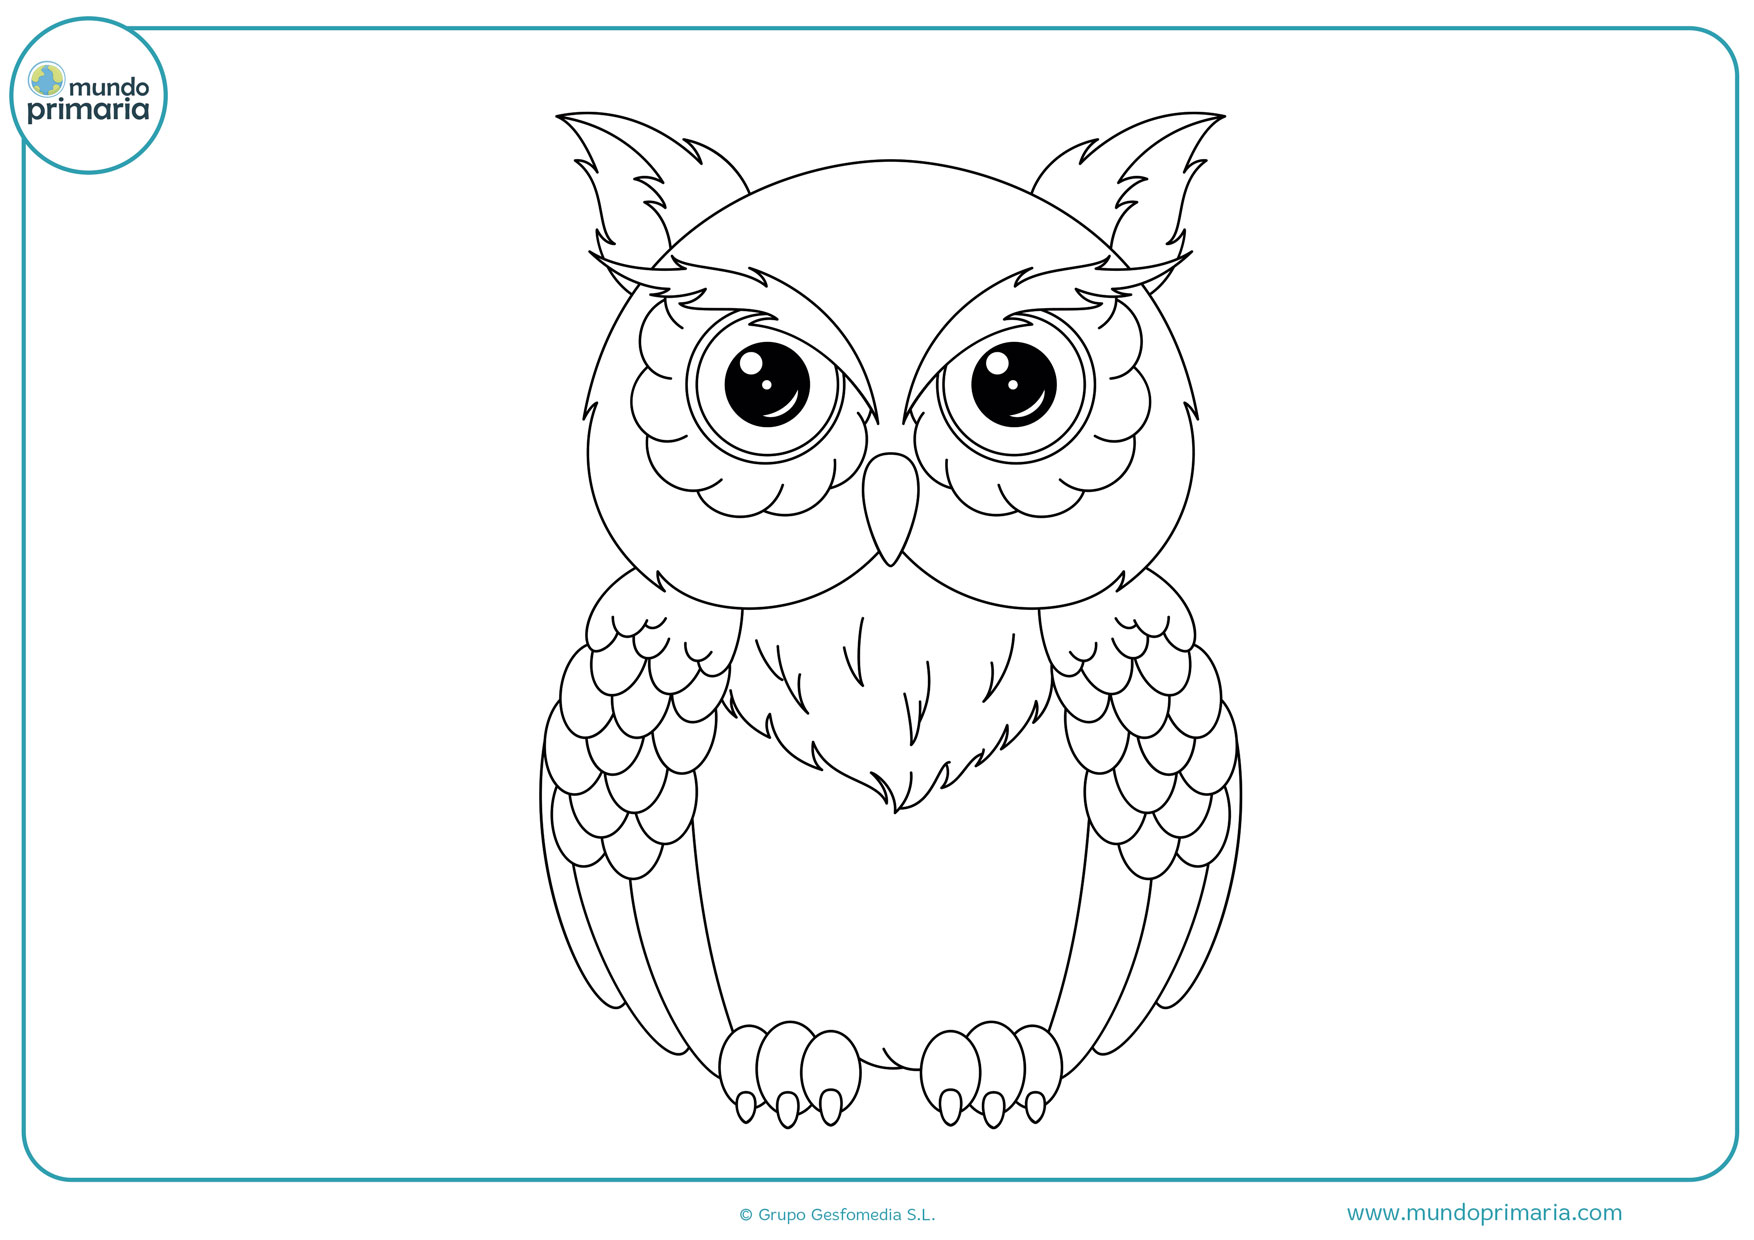 Dibujos de b hos para colorear imprimir y pintar - Dibujos en colores para imprimir ...